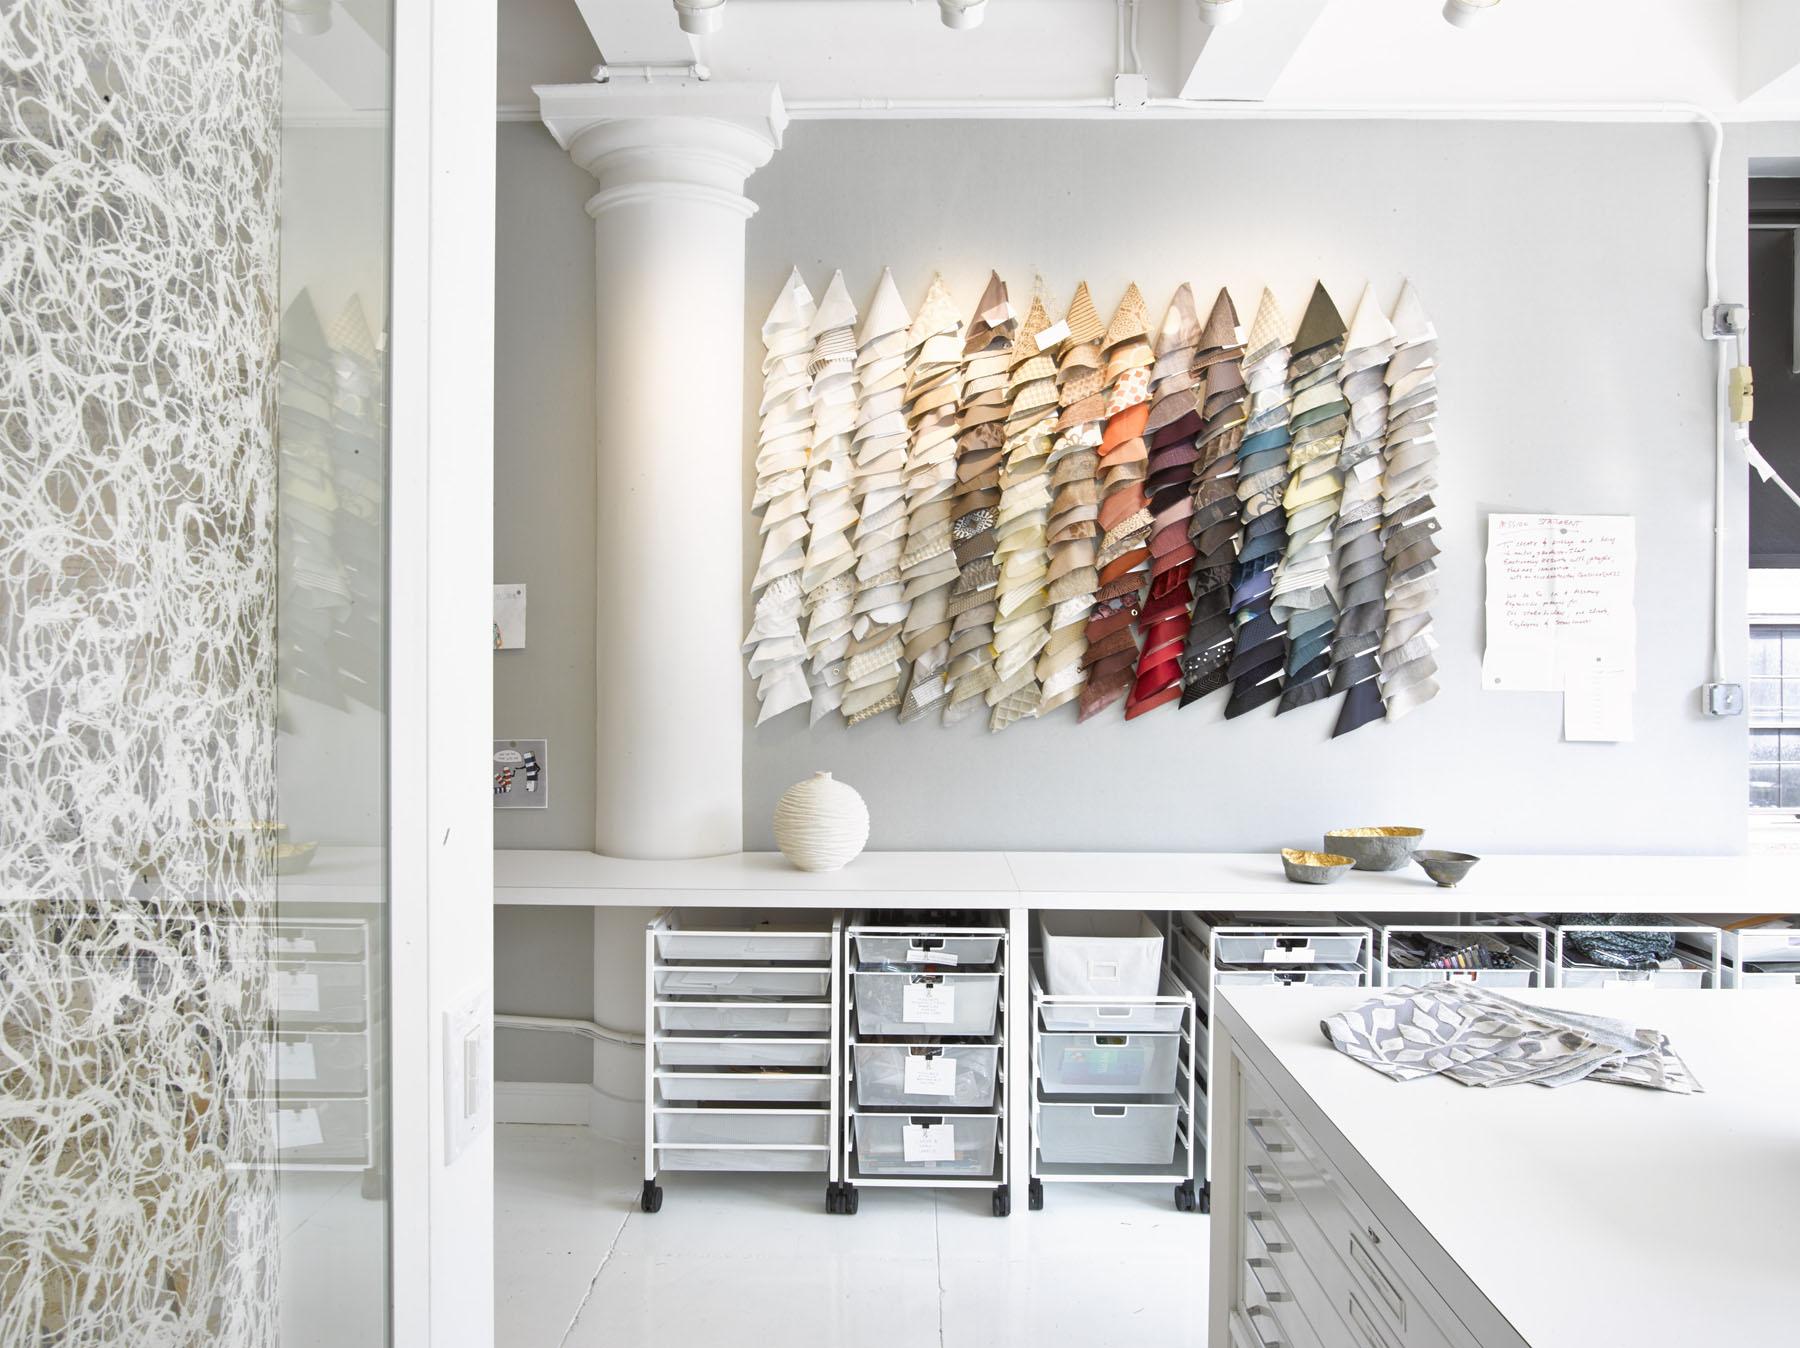 The Lori Weitzner Design Studio. Photo by Garrett Rowland